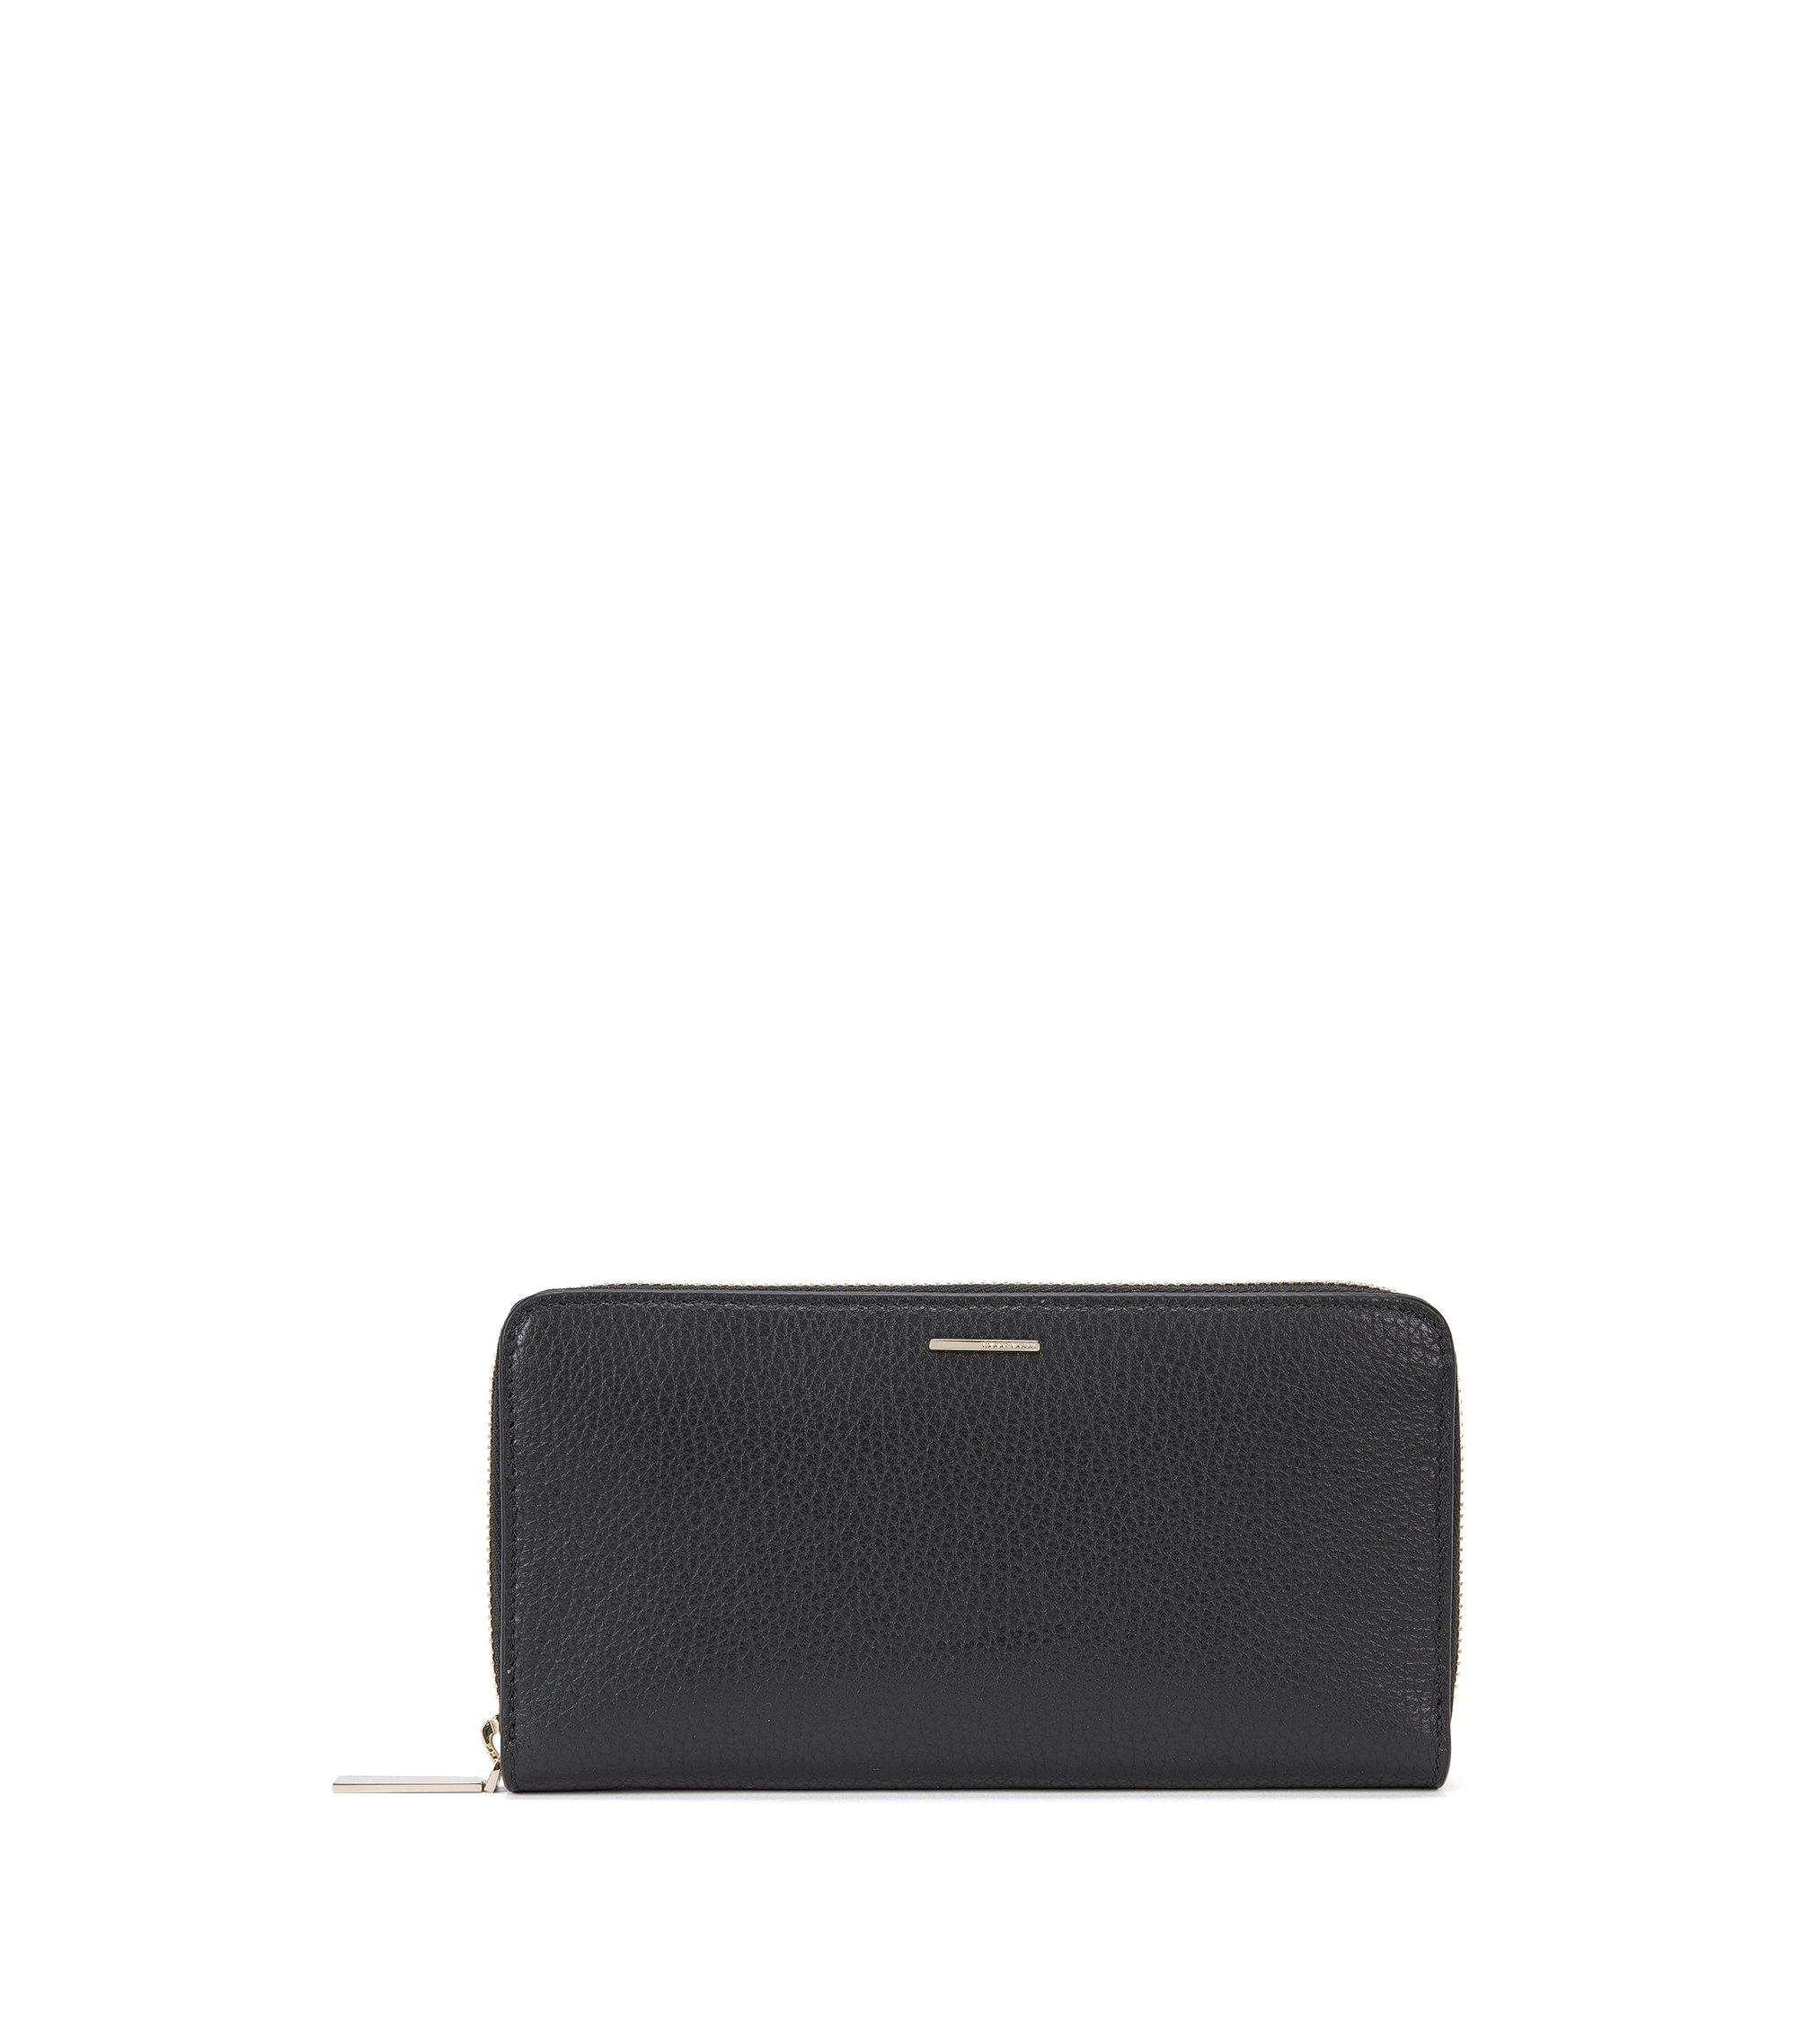 Geldbörse aus genarbtem Leder aus der BOSS Luxury Staple Kollektion, Schwarz